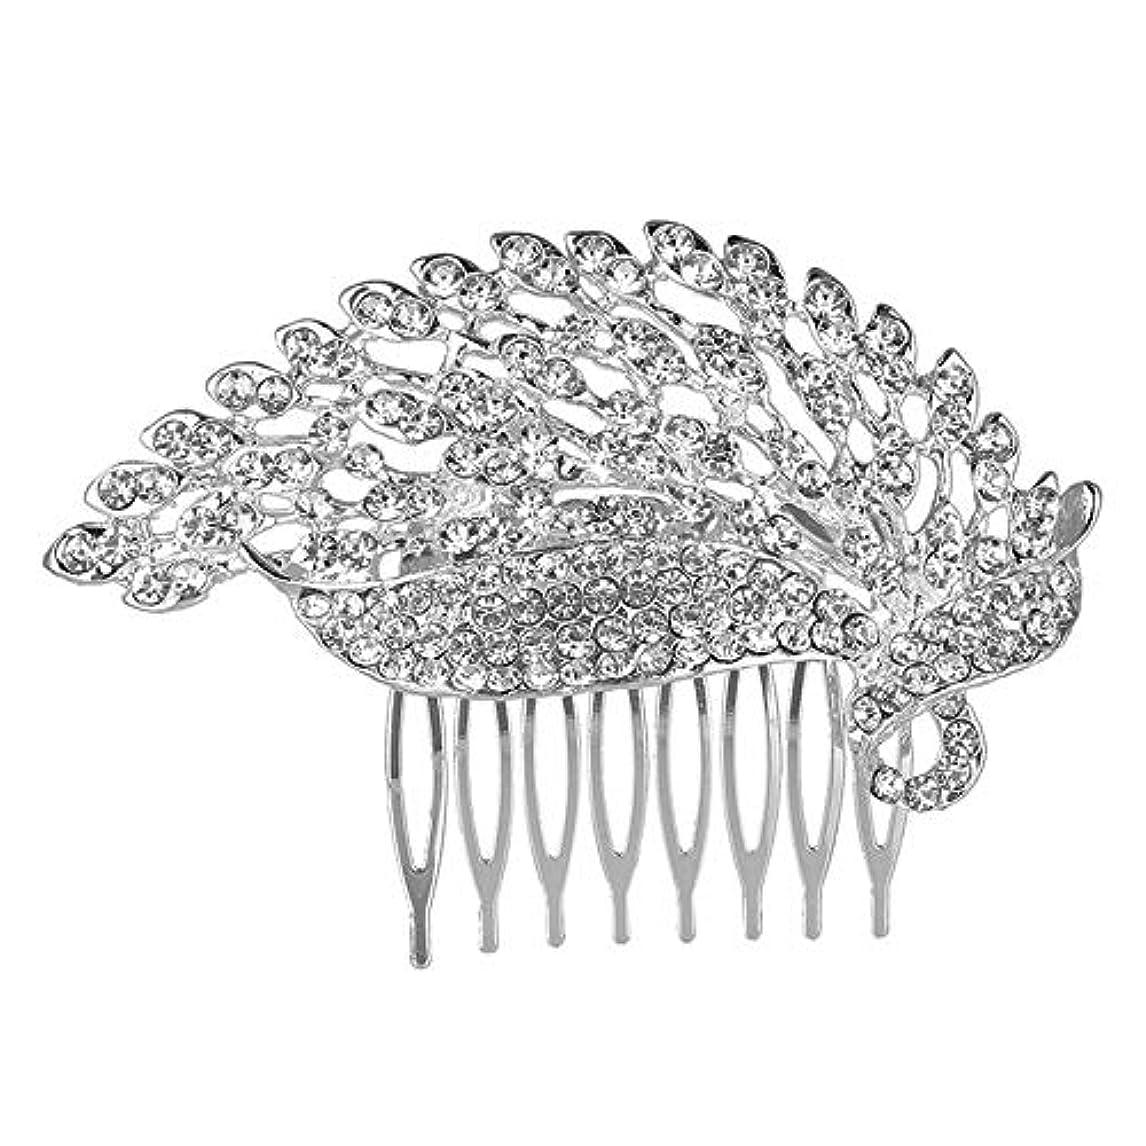 ゴールド栄光ミリメーター髪の櫛の櫛の櫛の花嫁の櫛の櫛の櫛の花嫁の頭飾りの結婚式のアクセサリー合金